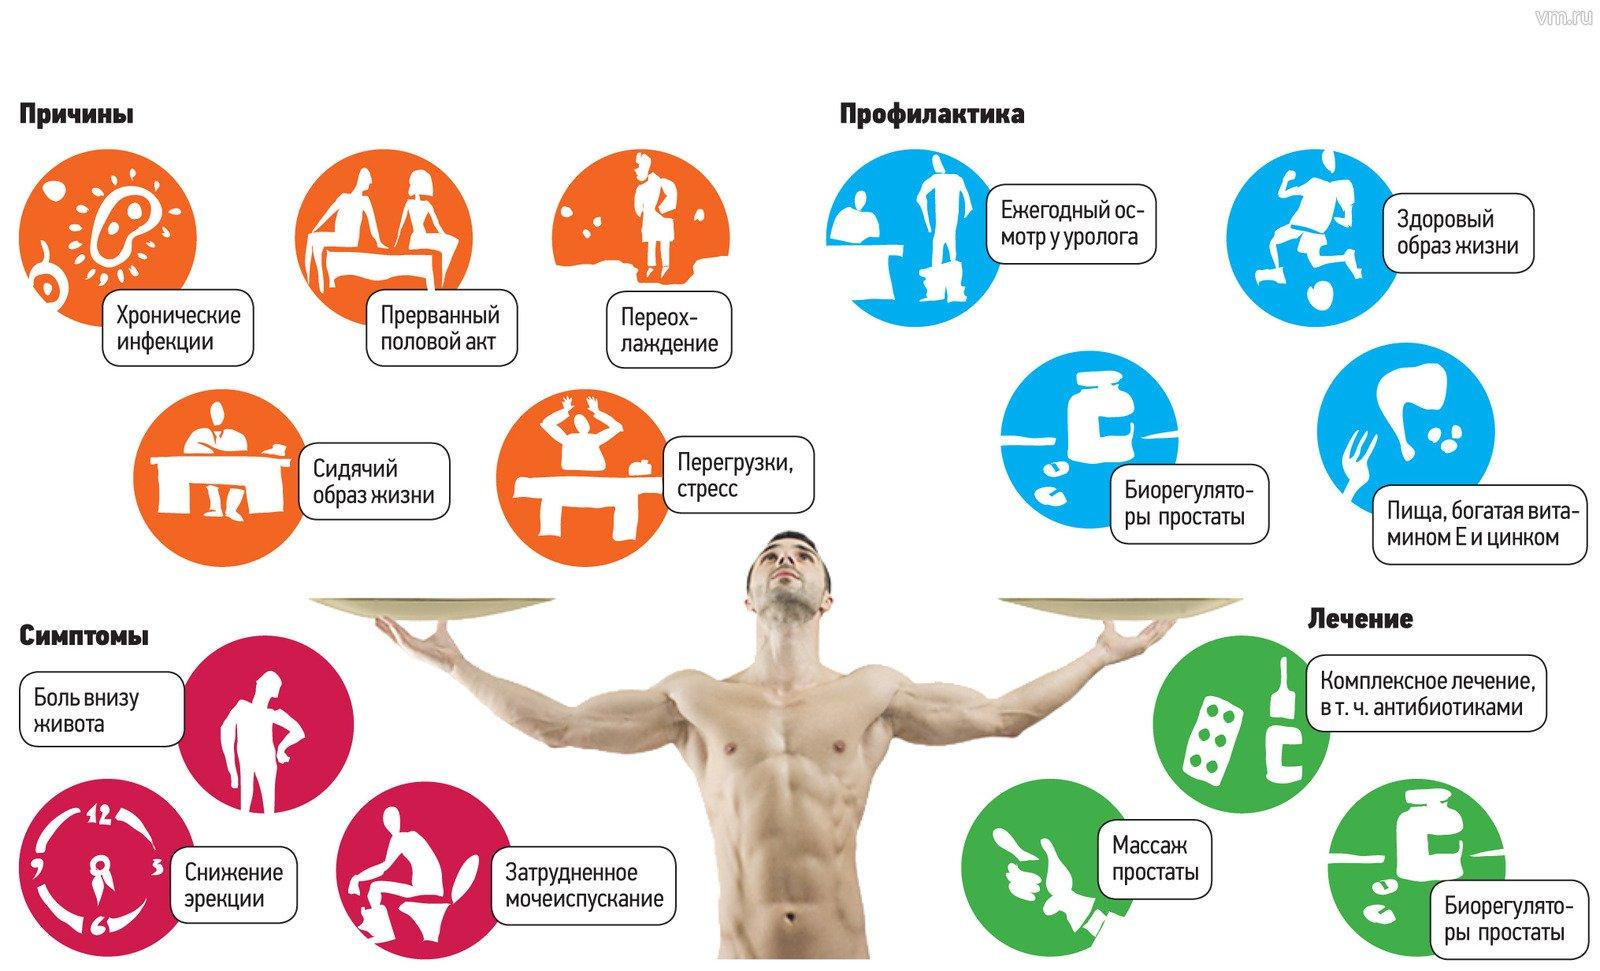 Как уберечь себя от простатита боли в животе из за простатита